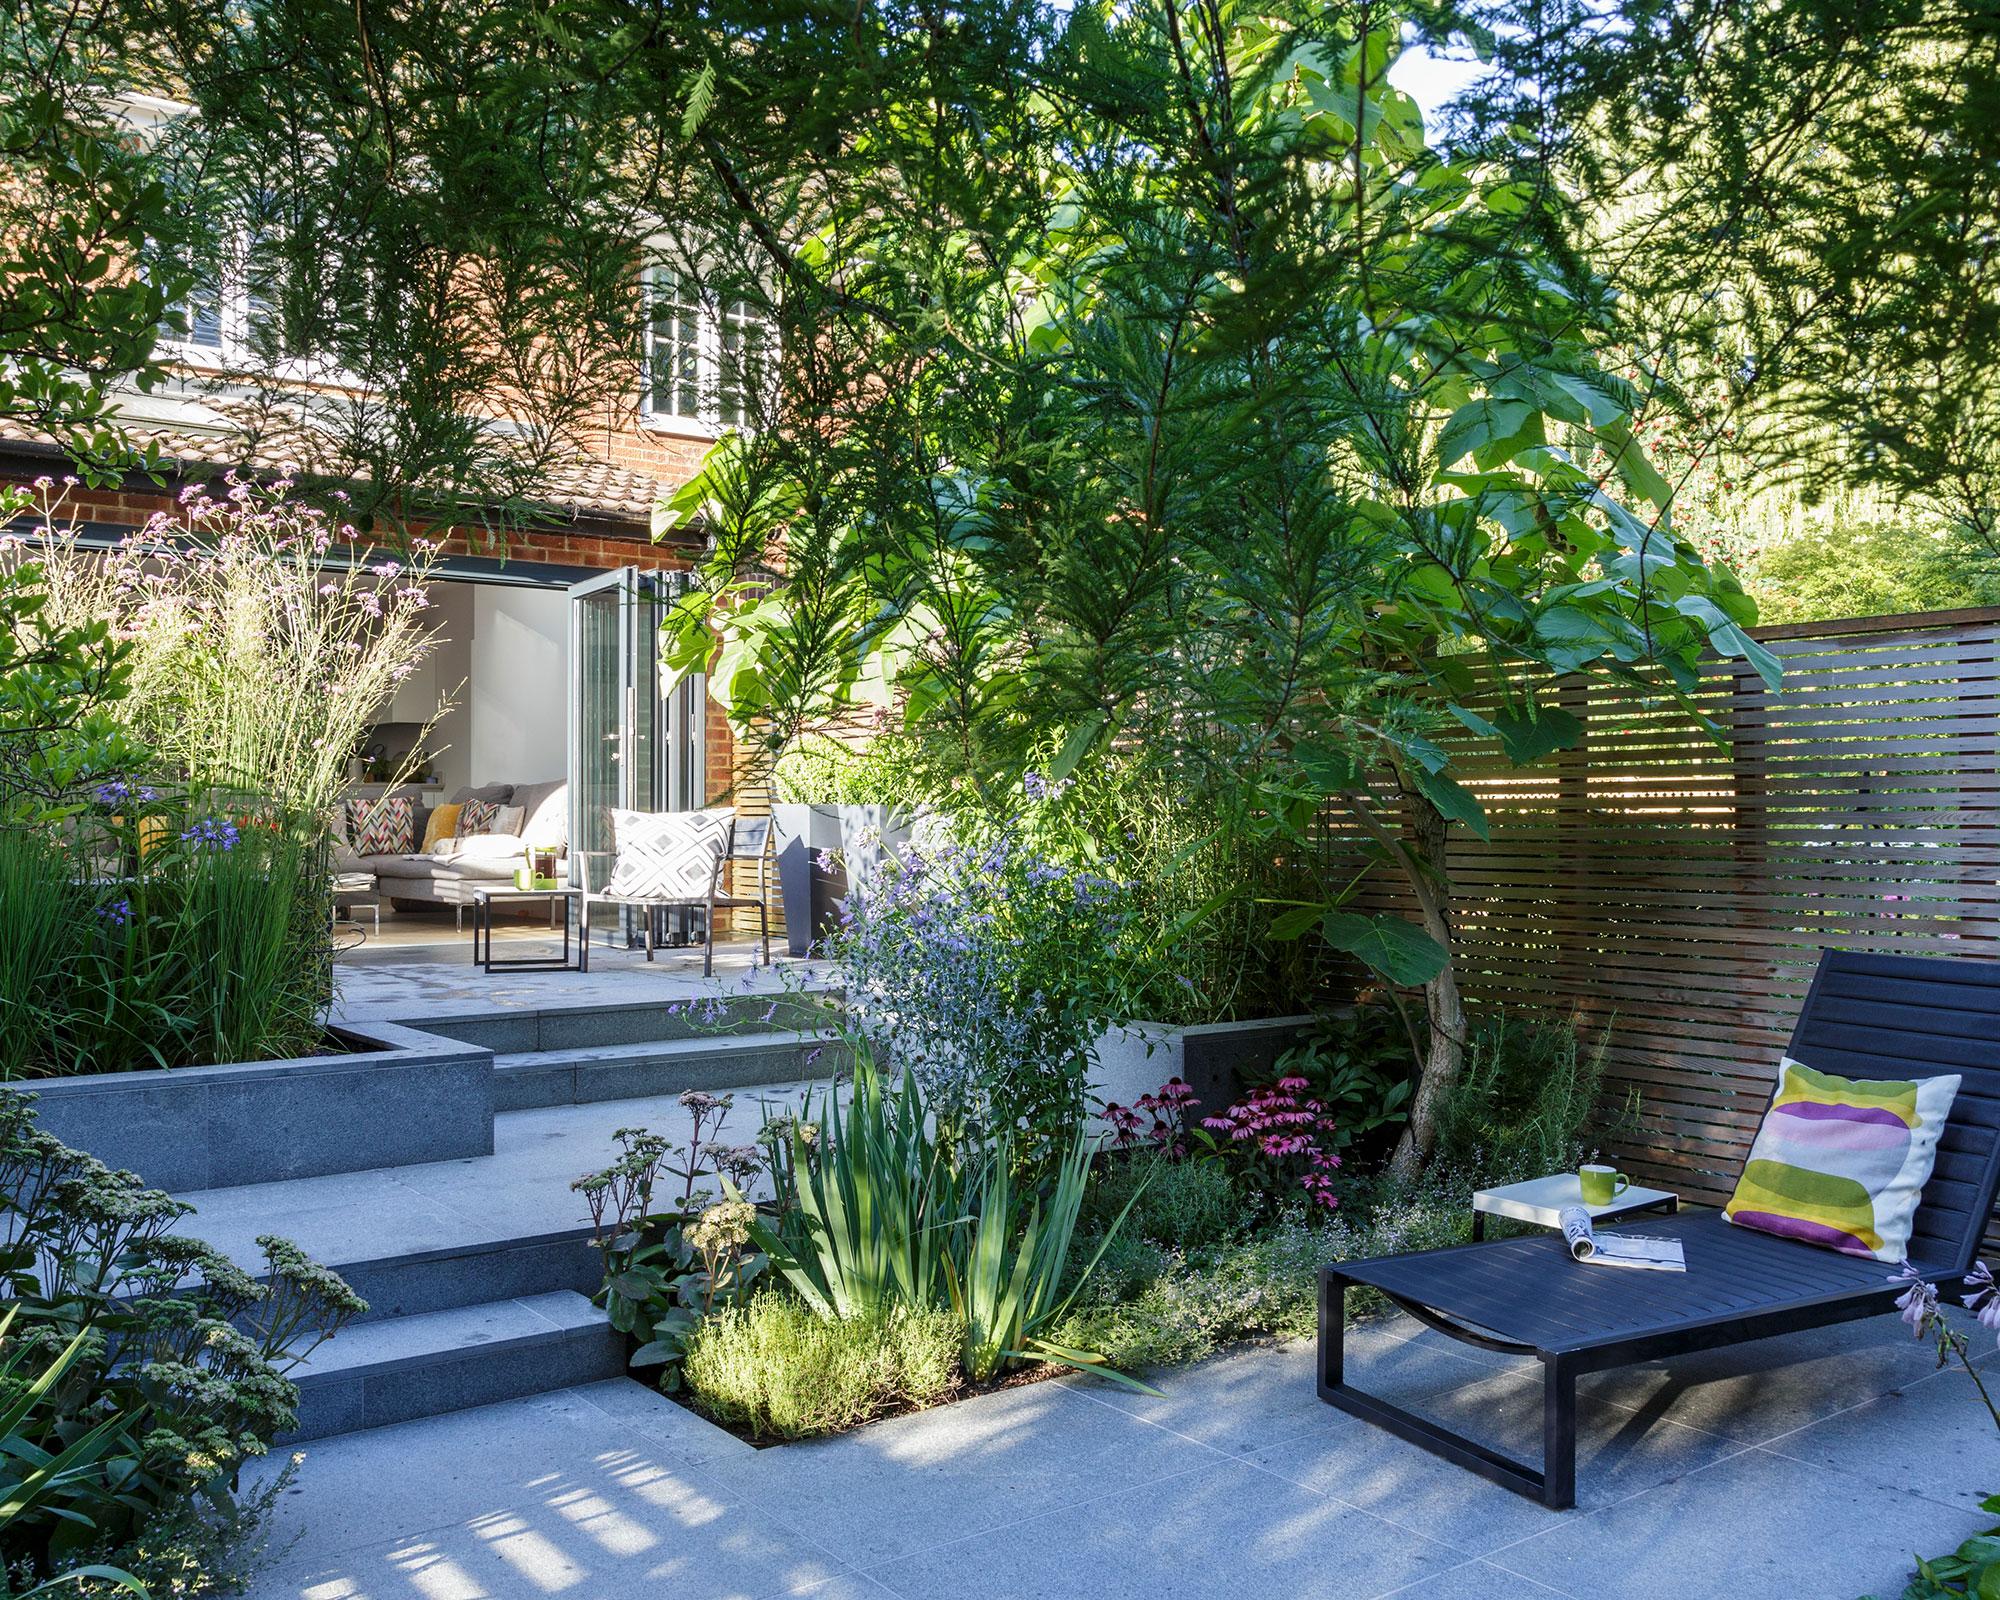 20 Small garden ideas Small garden designs and landscaping   Country